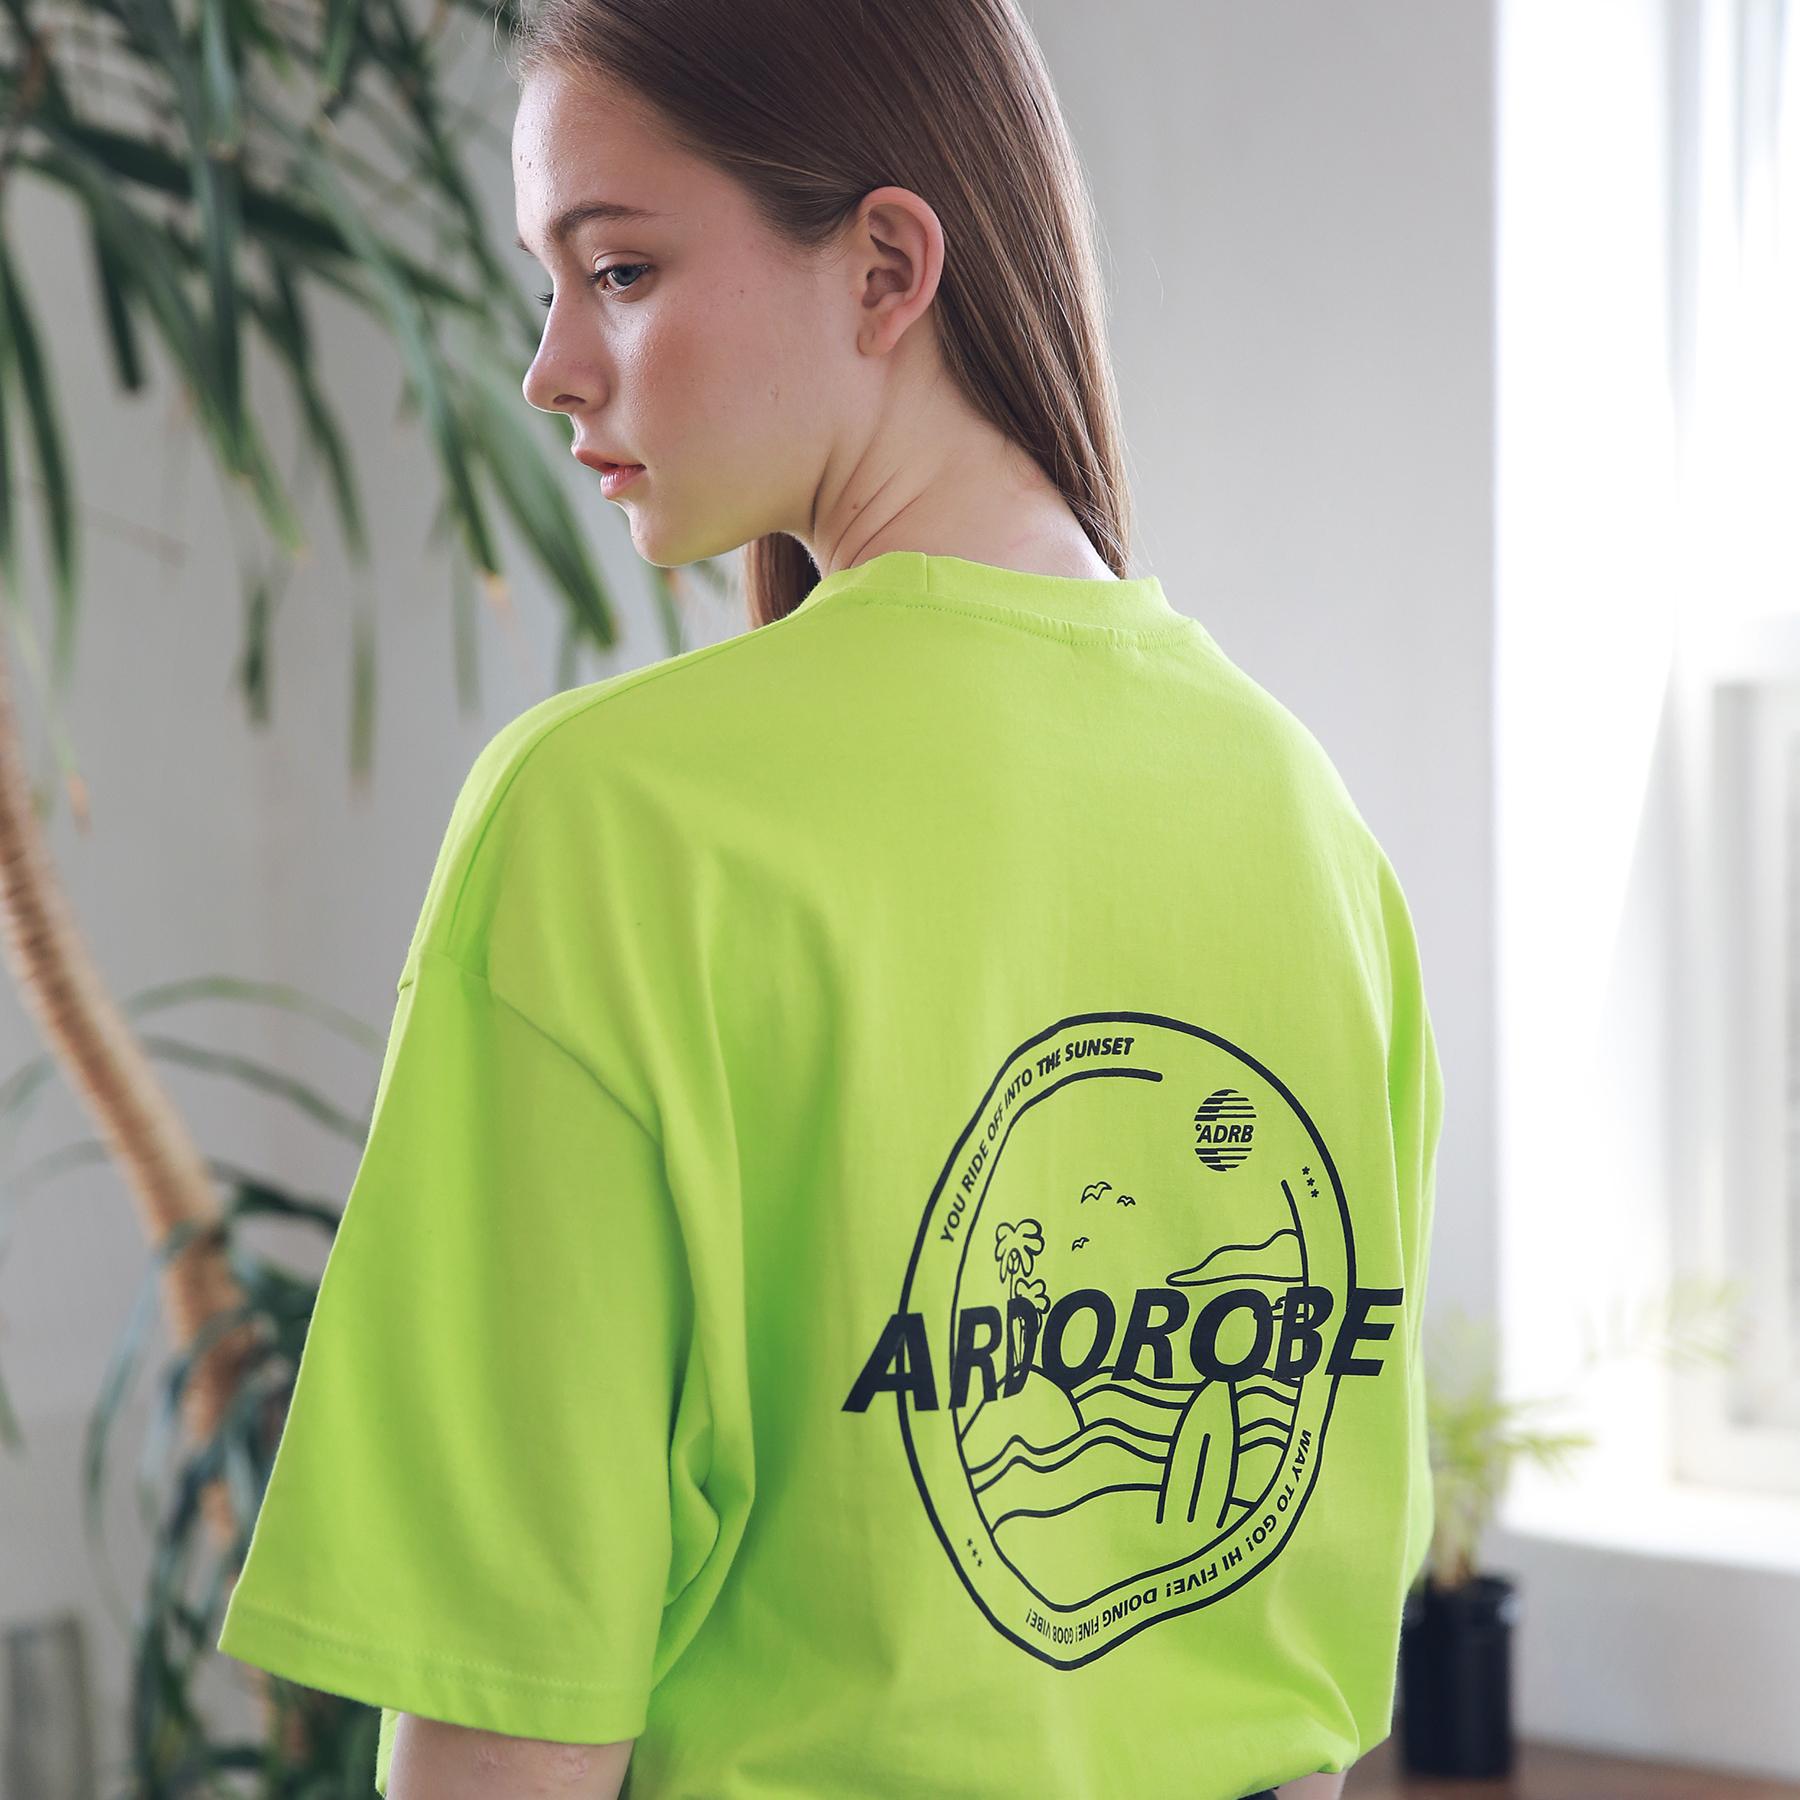 아더로브 유니섹스 아일랜드 서클 티셔츠 ATS192004-LG 반팔티